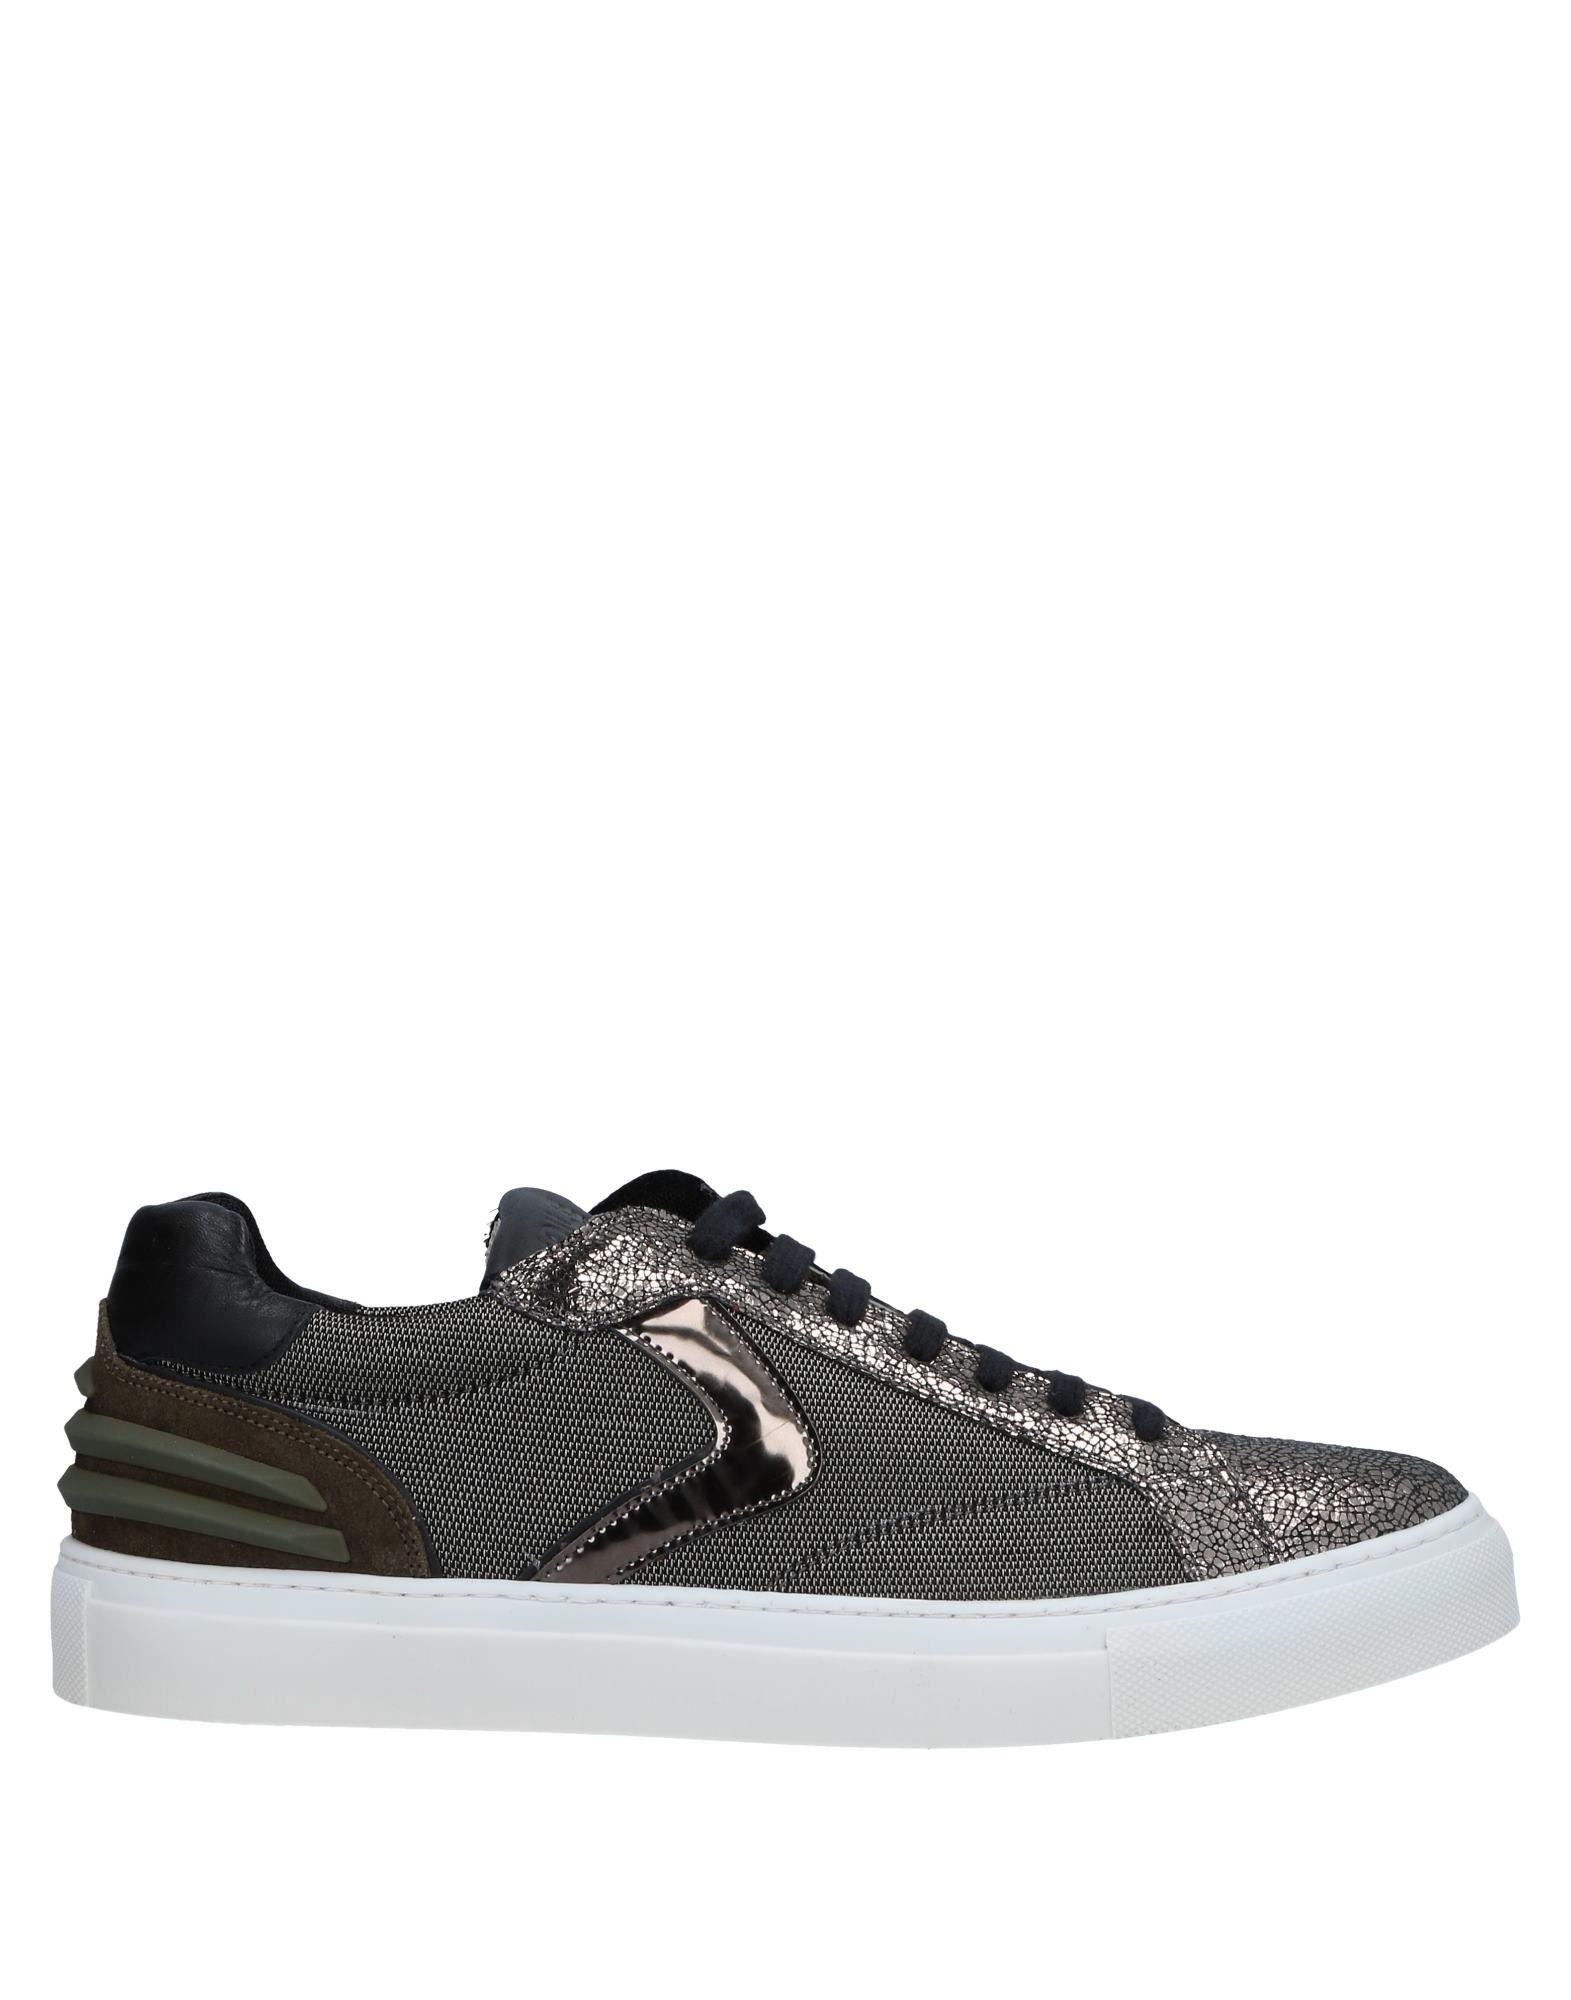 Voile Blanche Sneakers Herren  11534683DH Gute Qualität beliebte Schuhe